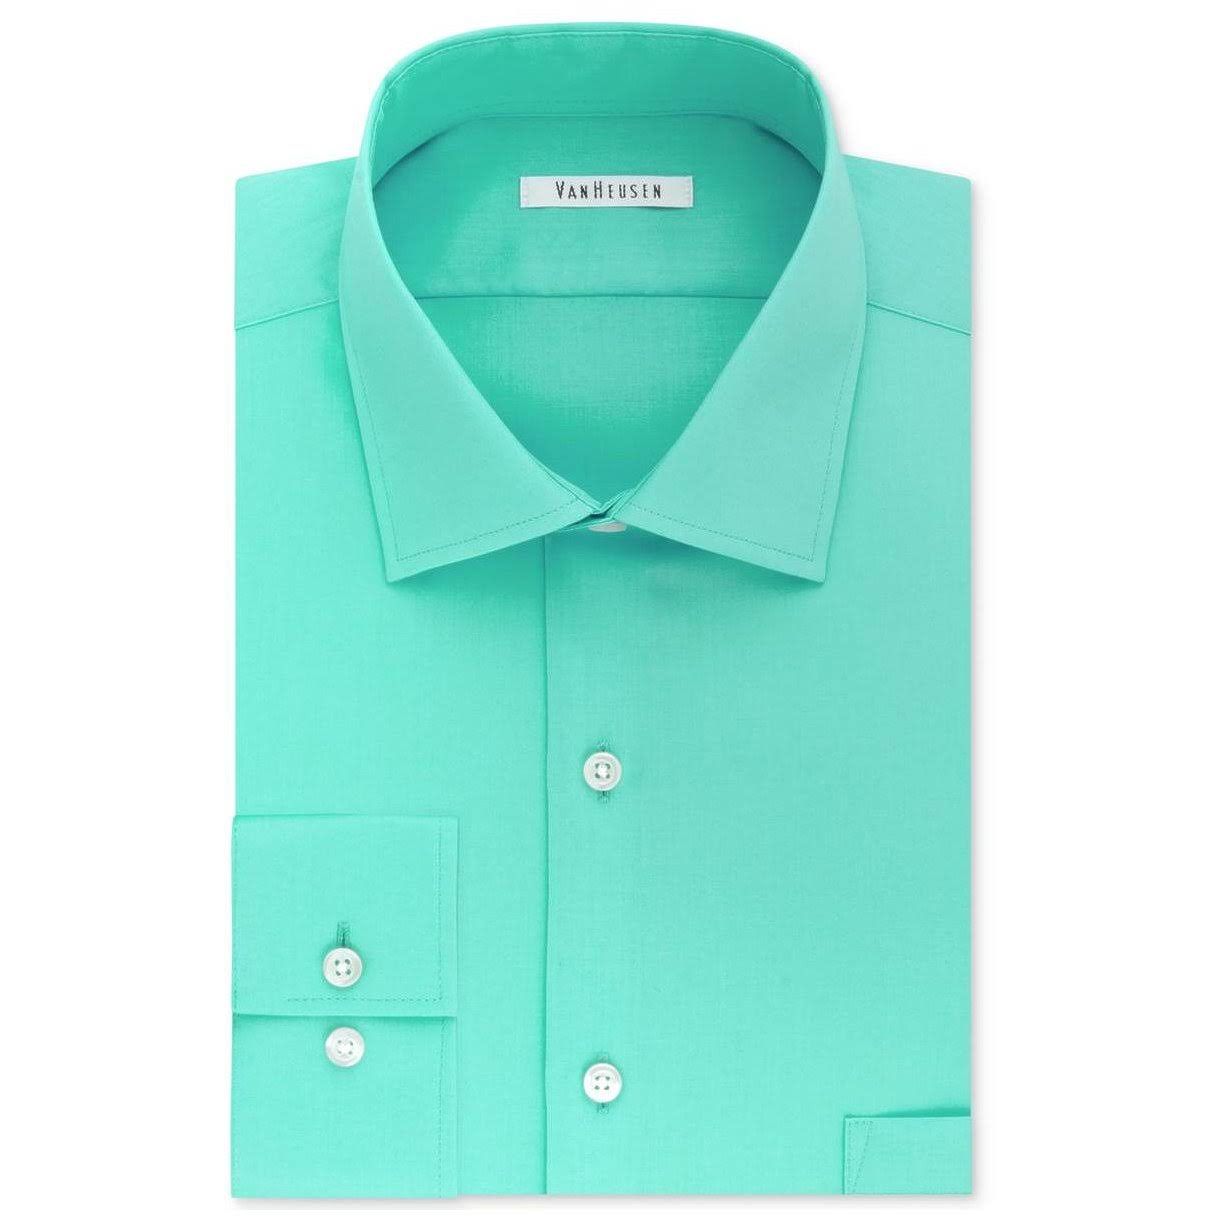 Con Englishrose De Camisa Botones Heusen Vestir Elásticos Van 15 Y qHpBPvp